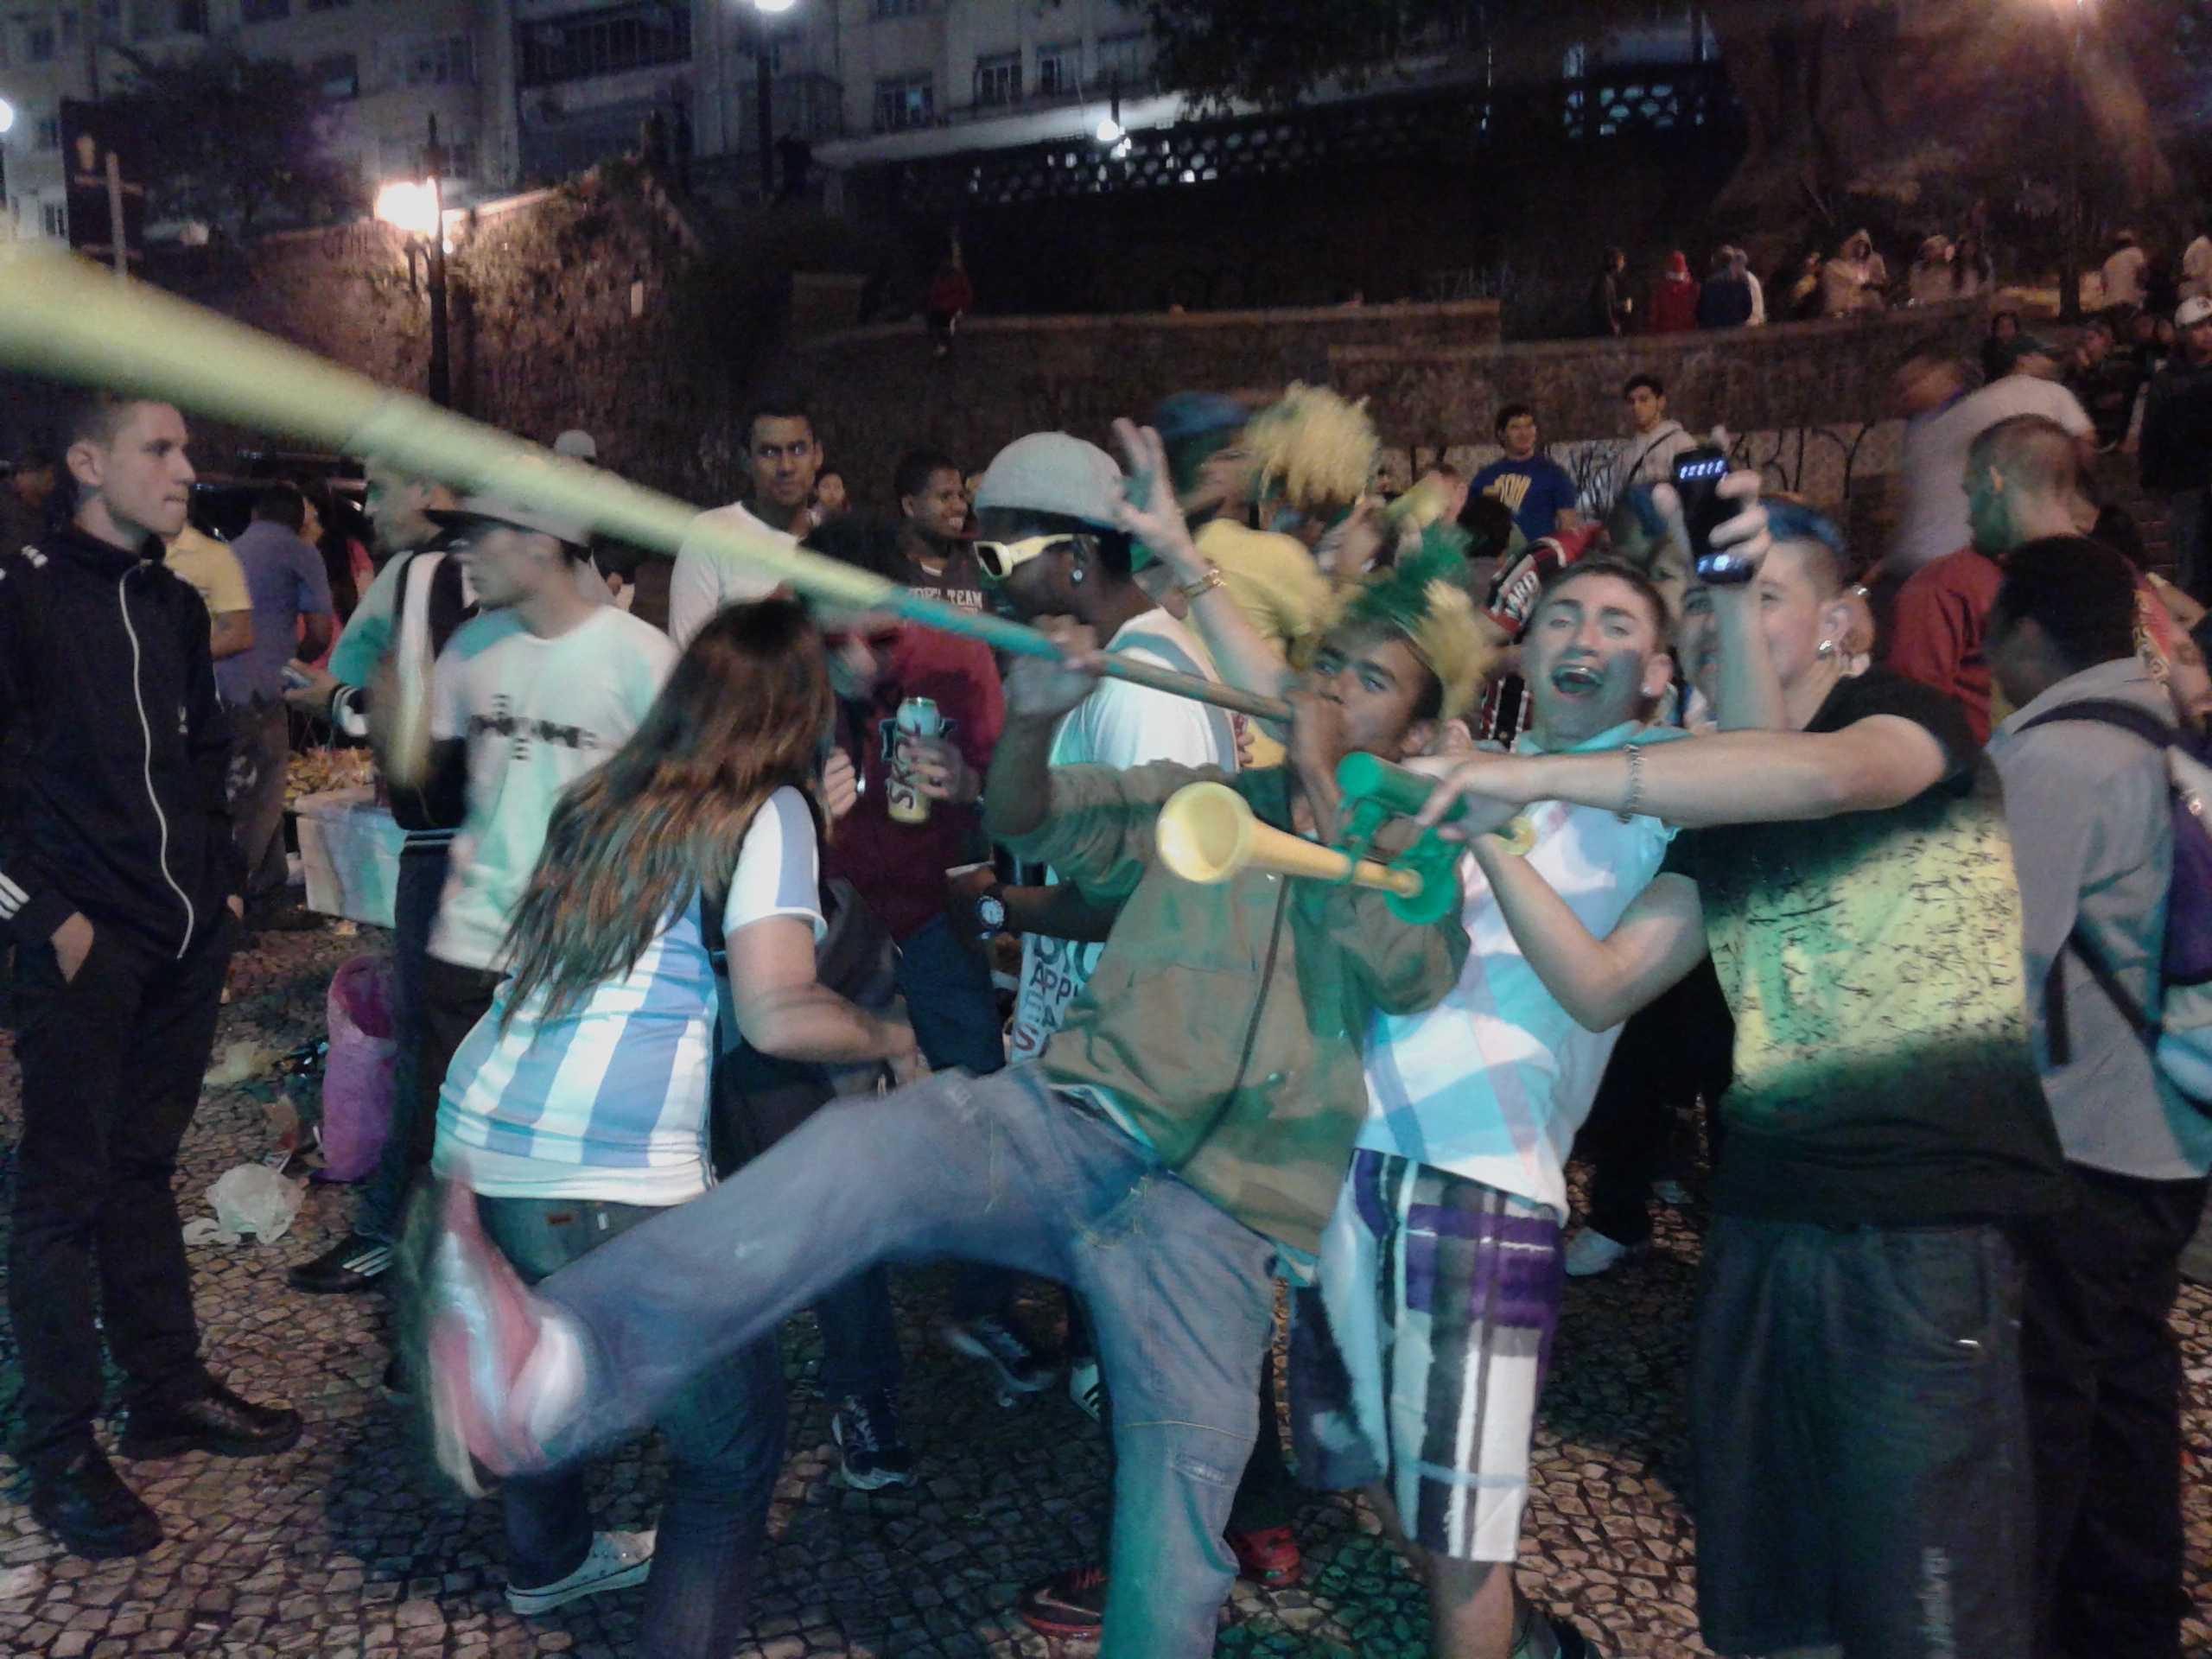 Траурная дискотека. Как улицы встретили позор сборной Бразилии - изображение 2